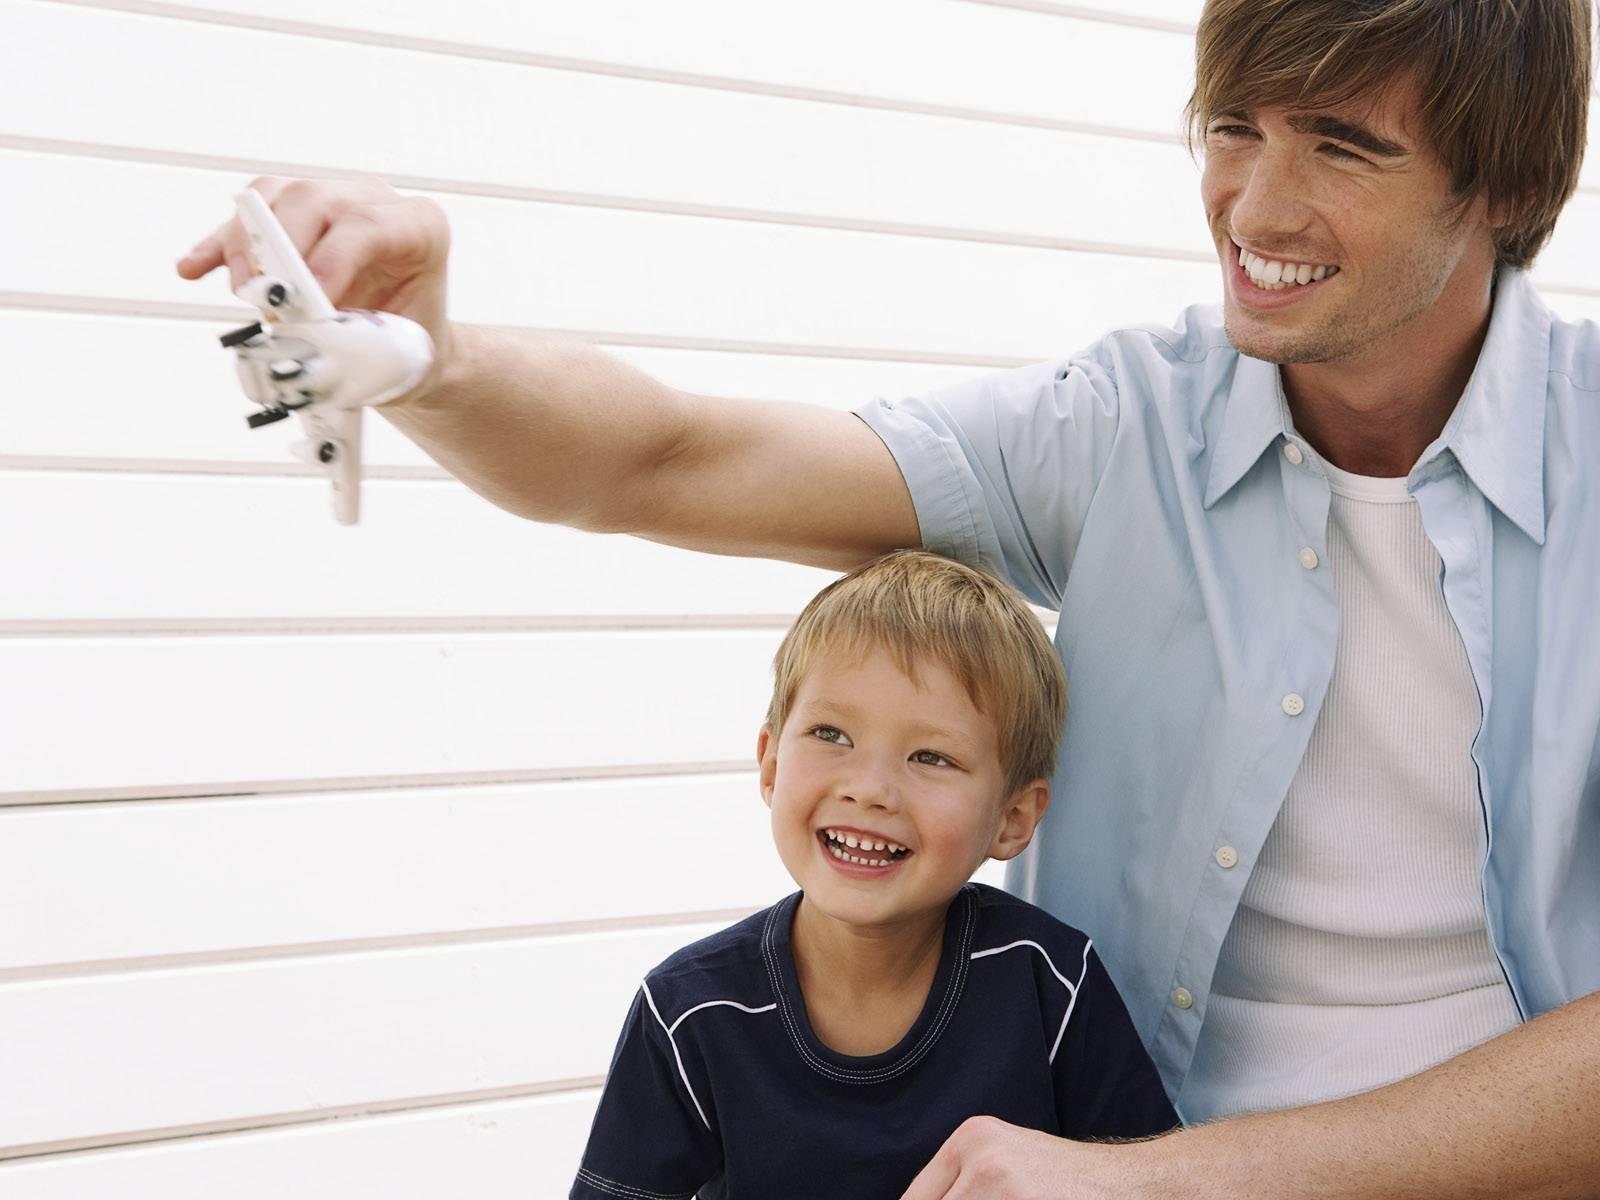 Как воспитать в ребенке уверенность в себе? это вопрос формирования характера.